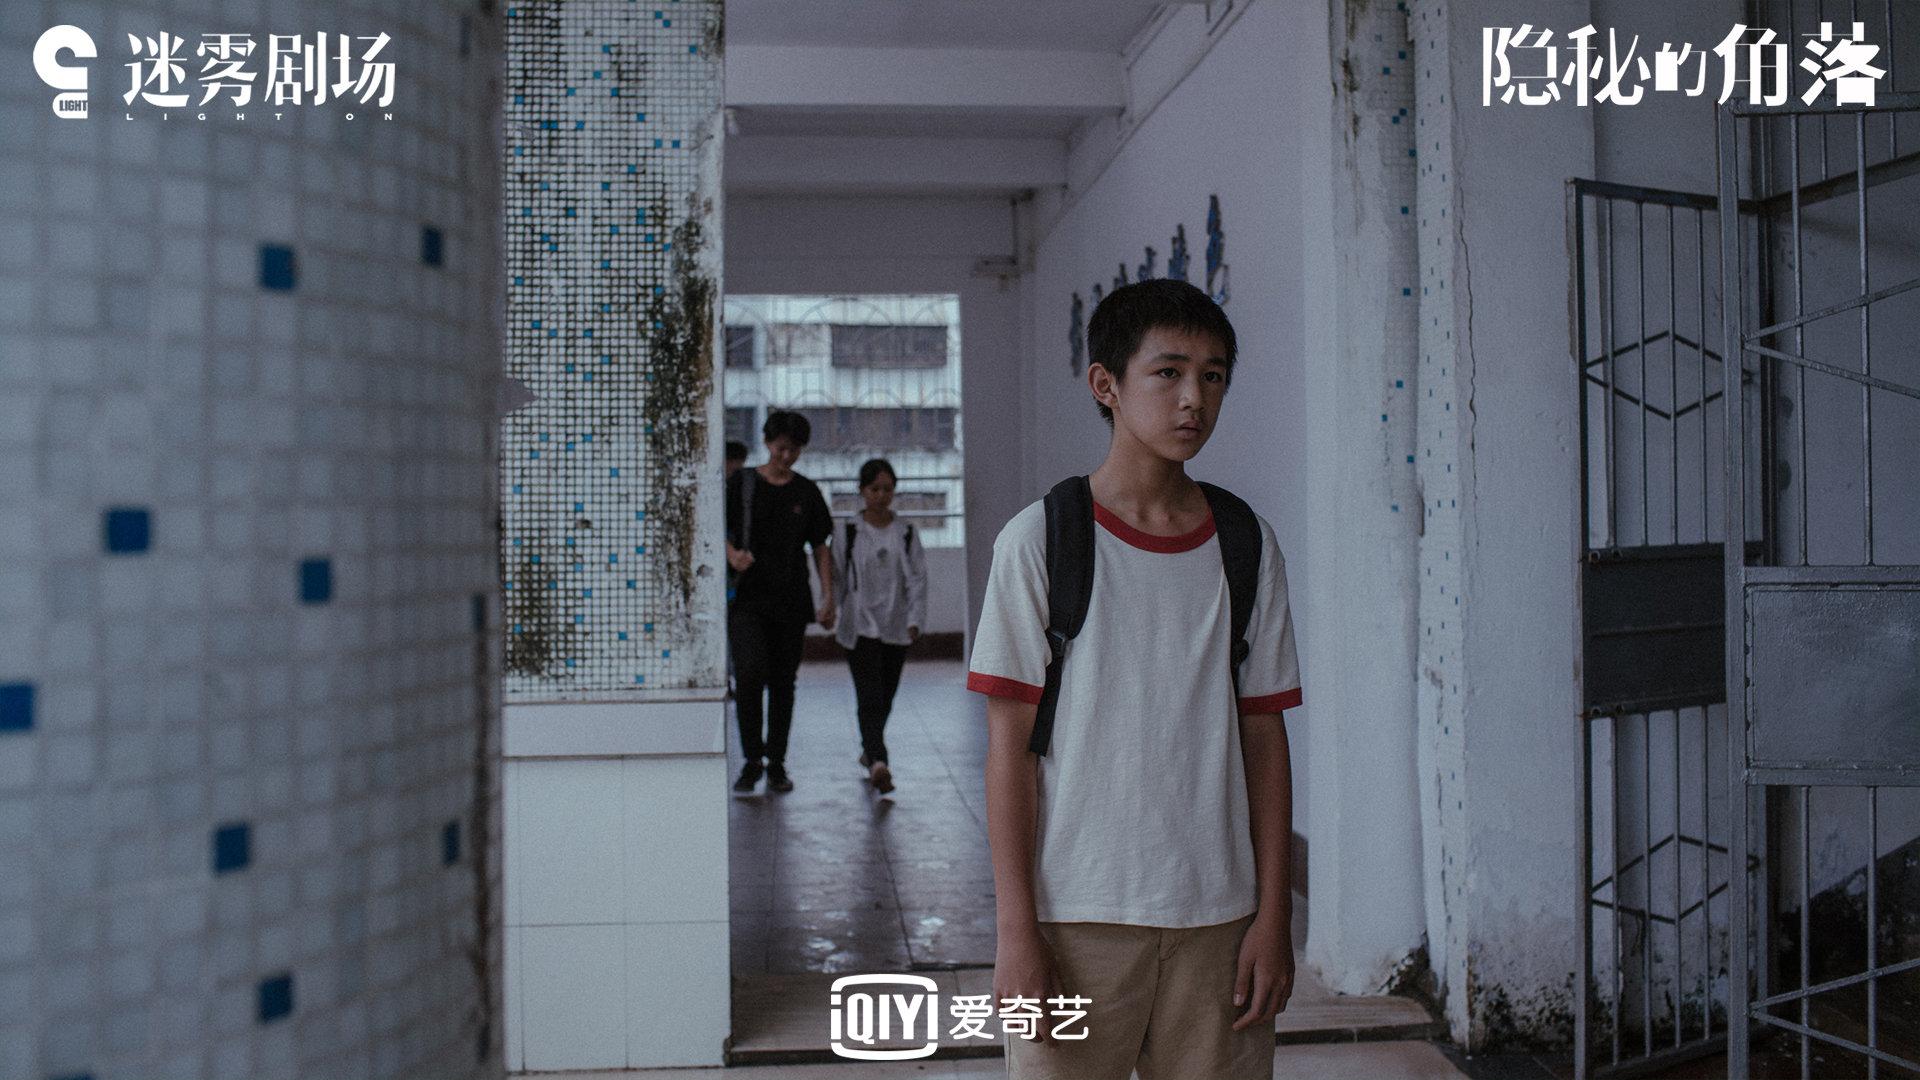 紫金陈:朱朝阳的原型是我,但我